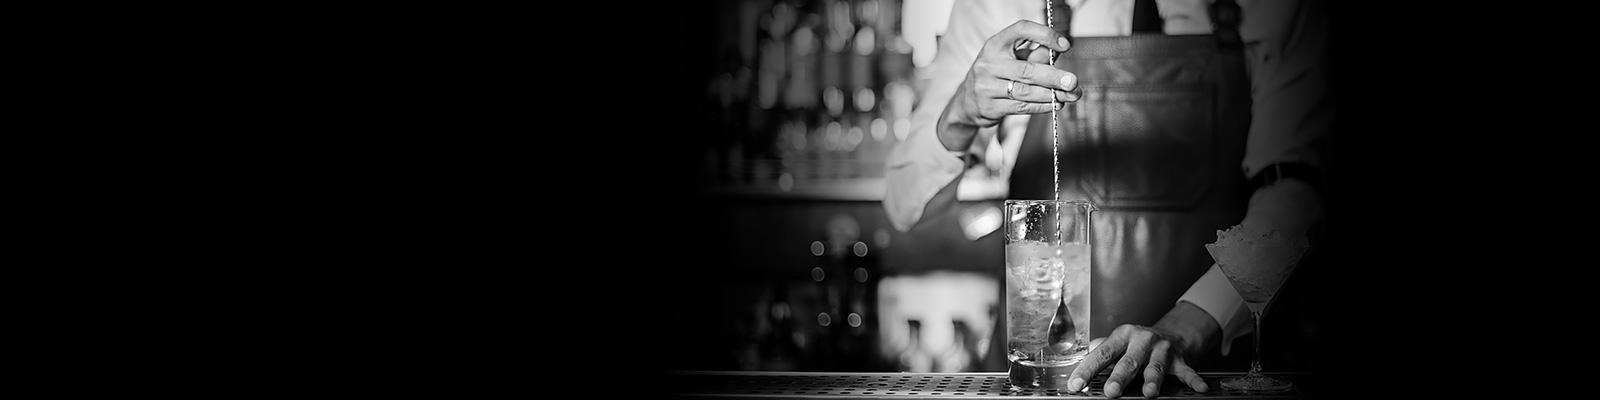 ウイスキー バーテンダー ステア イメージ